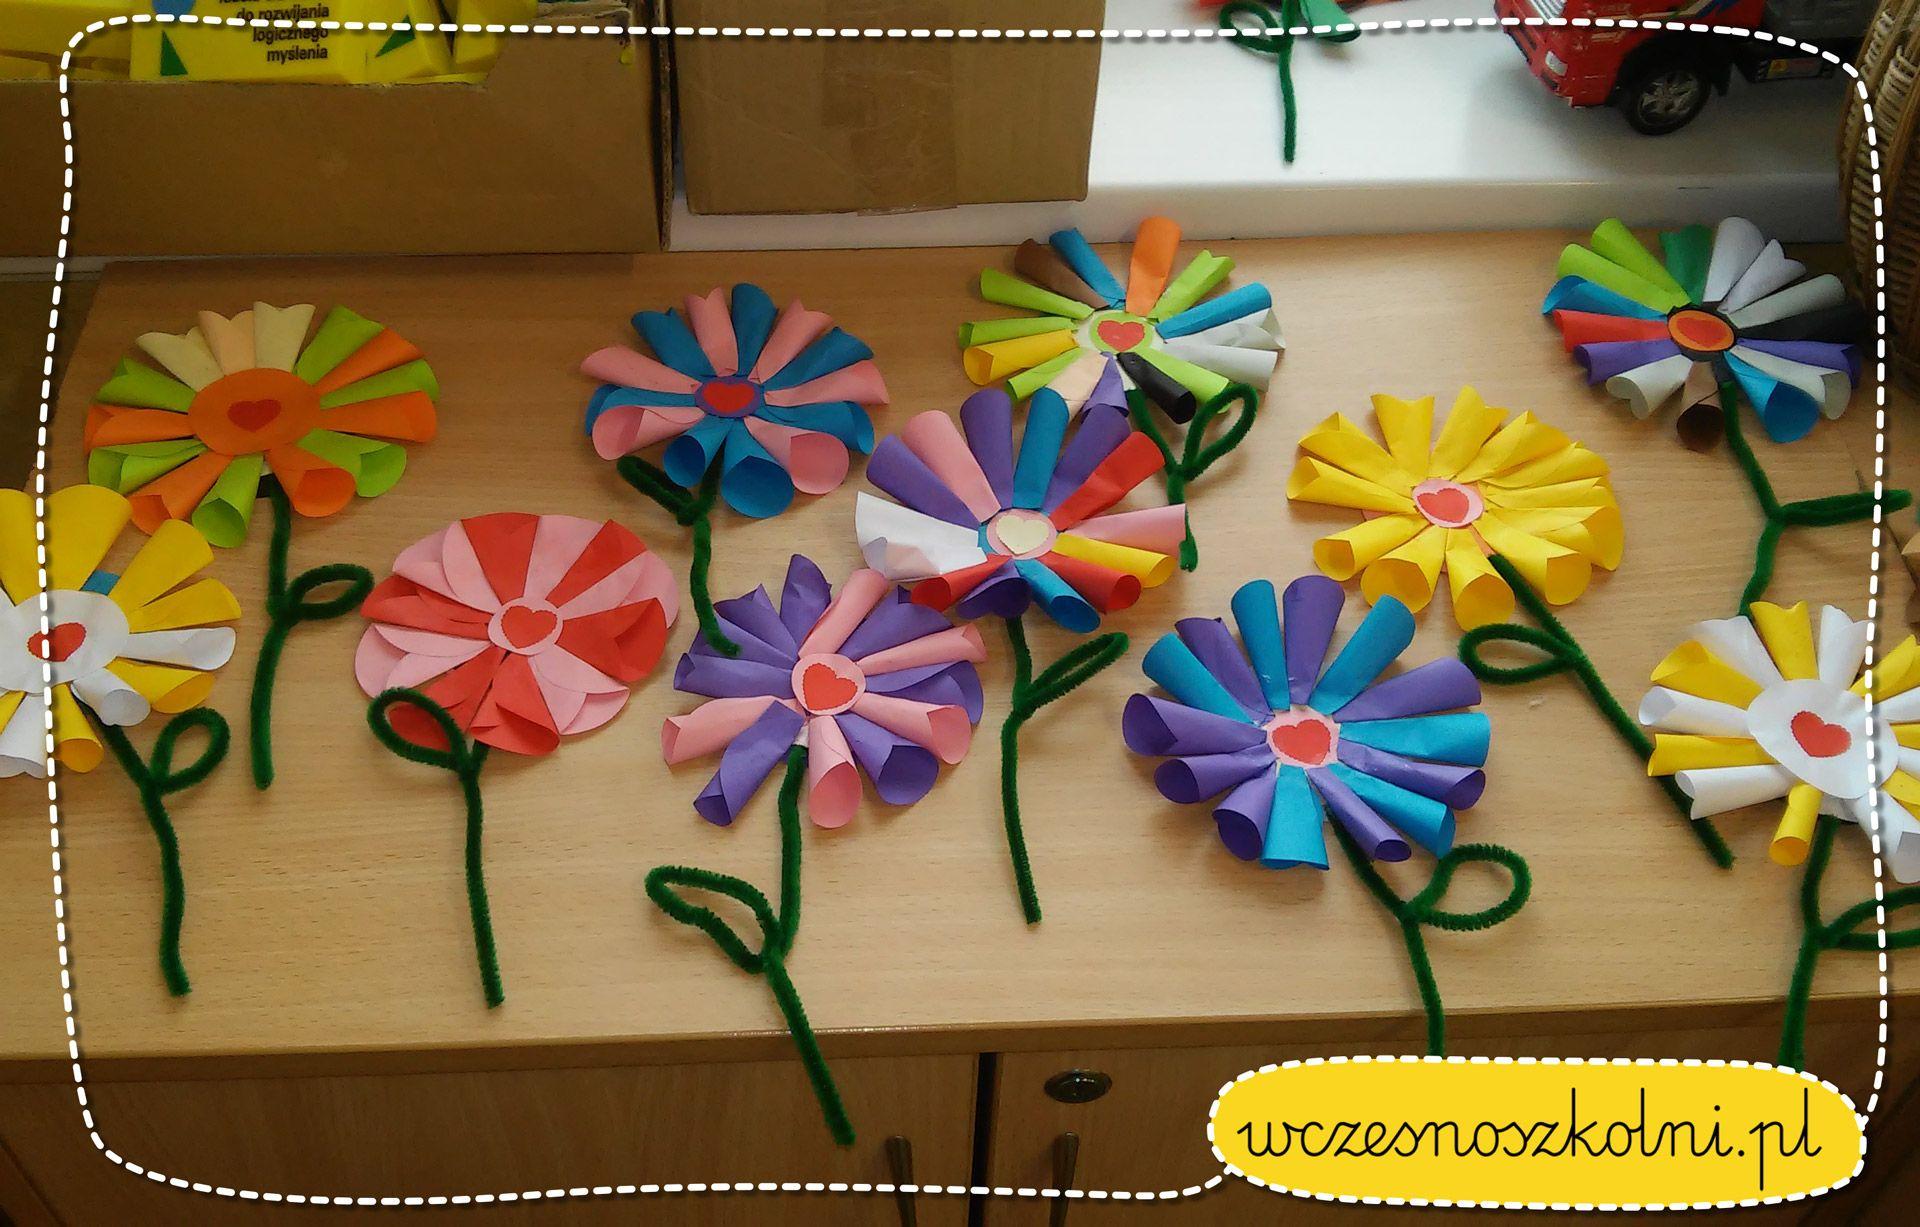 Dzisiaj Pokazemy Wam Sposob Na Wykonanie Kwiatkow Z Papierowych Kolek Do Origami Praca Moze Byc Wykorzystana Na Dzien Matki Dzien Gift Wrapping Origami Gifts